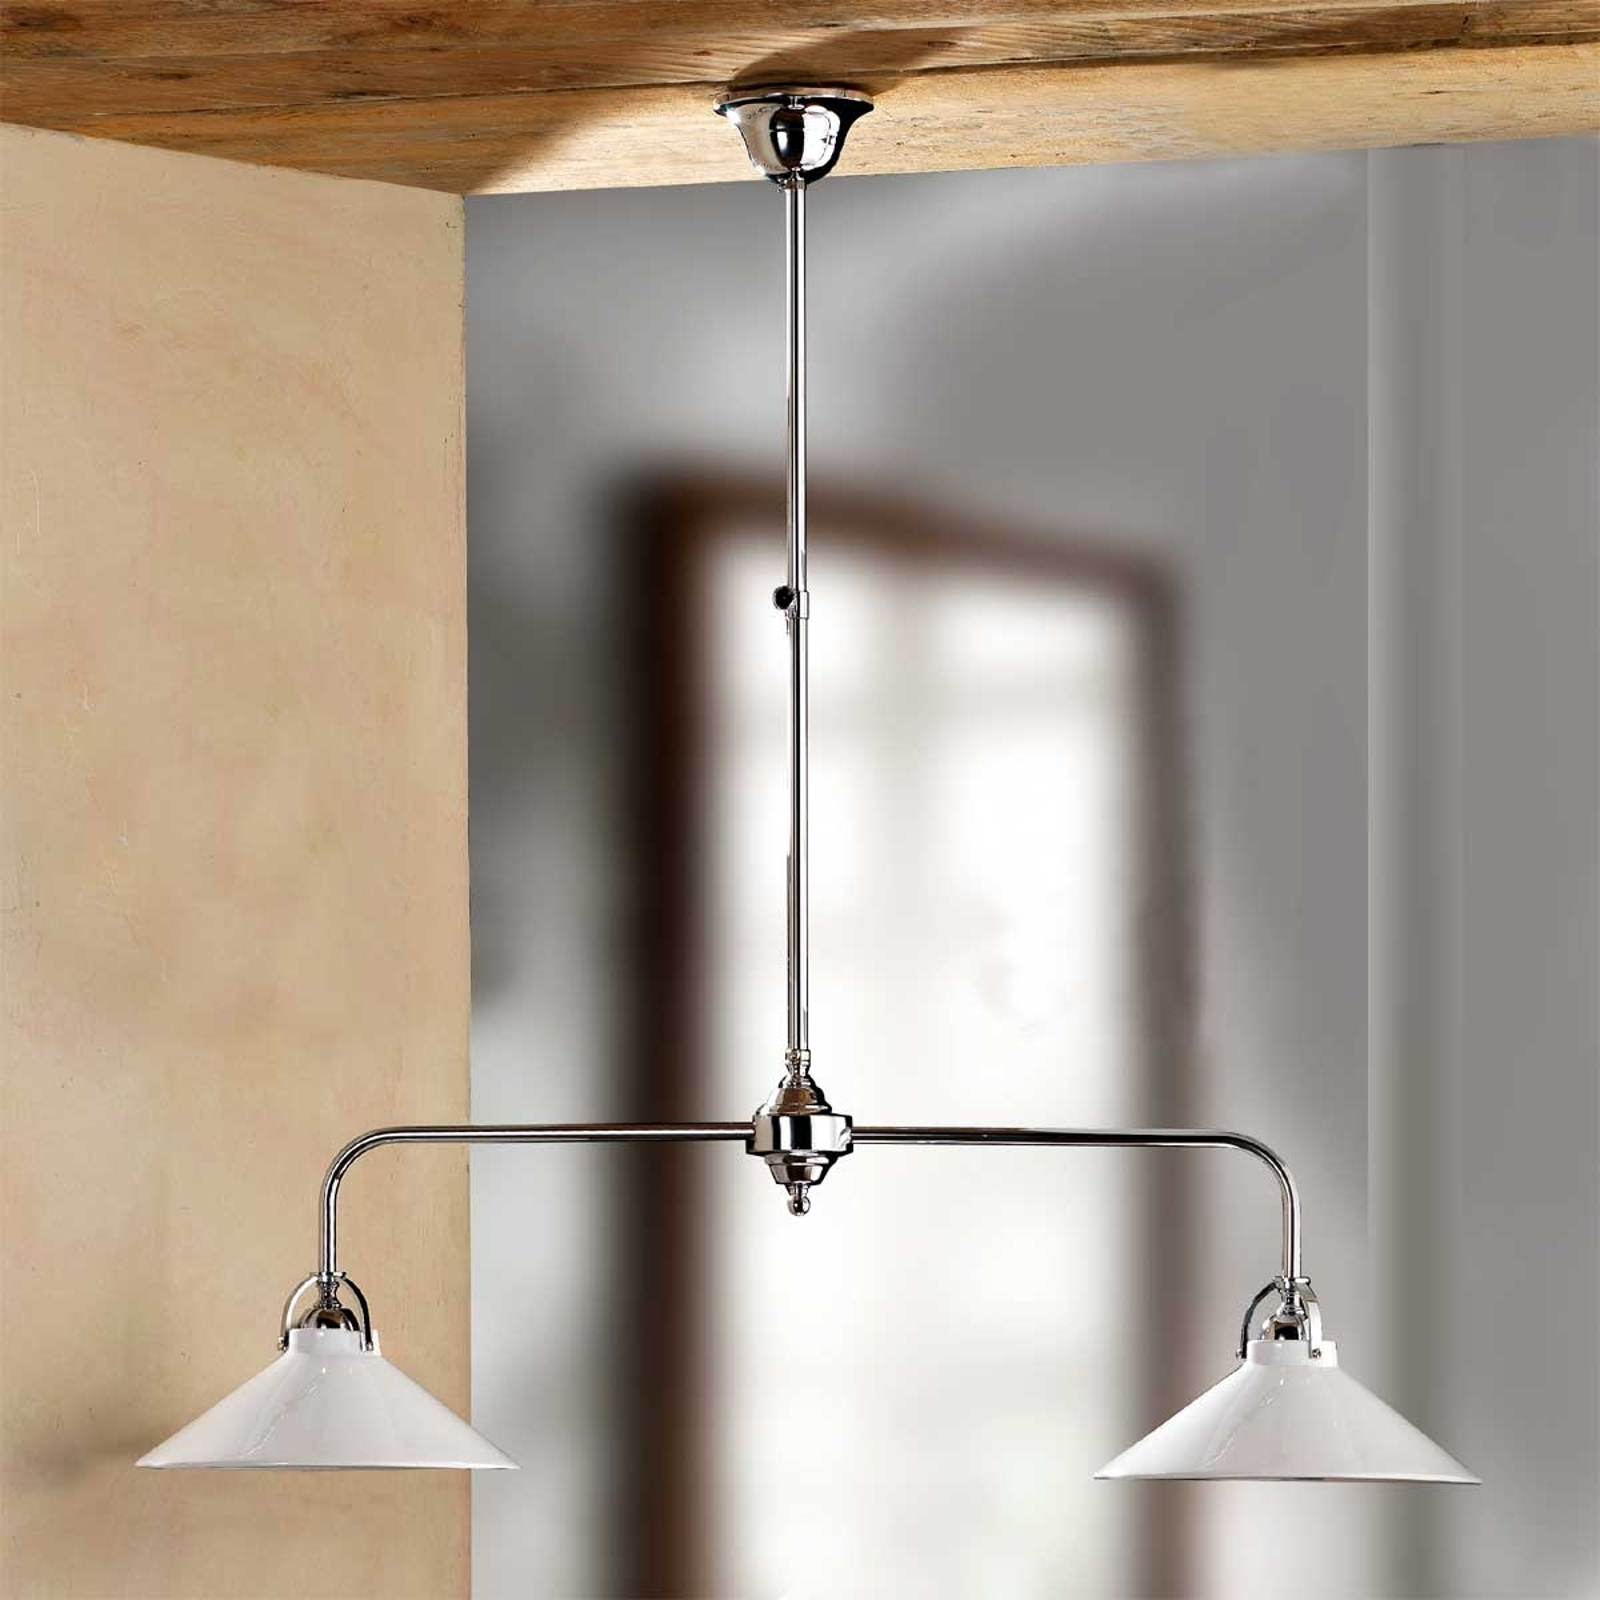 Hanglamp GIACOMO met keramieken kappen, 2-lichts